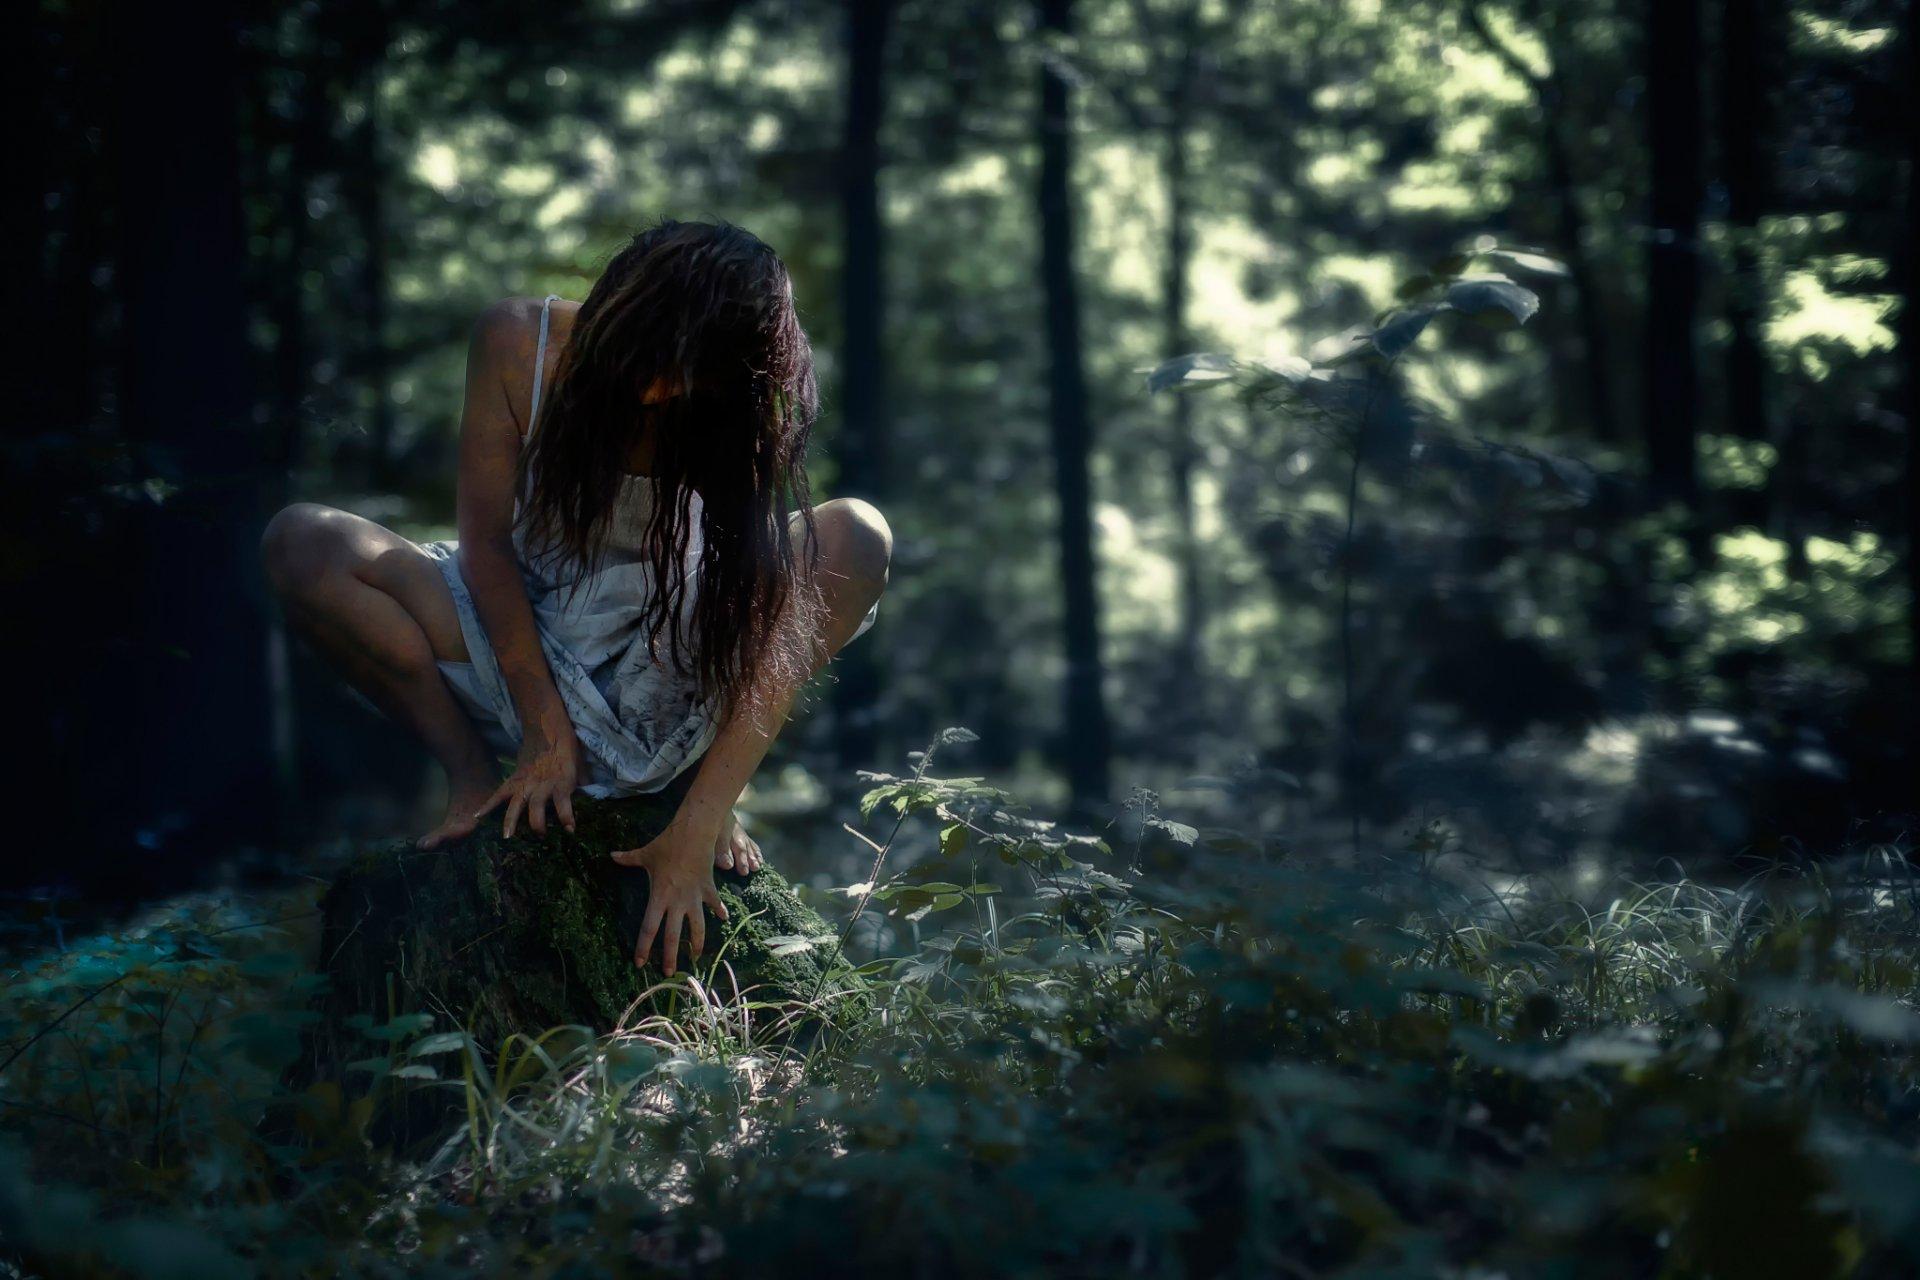 С женщиной в лесу видео